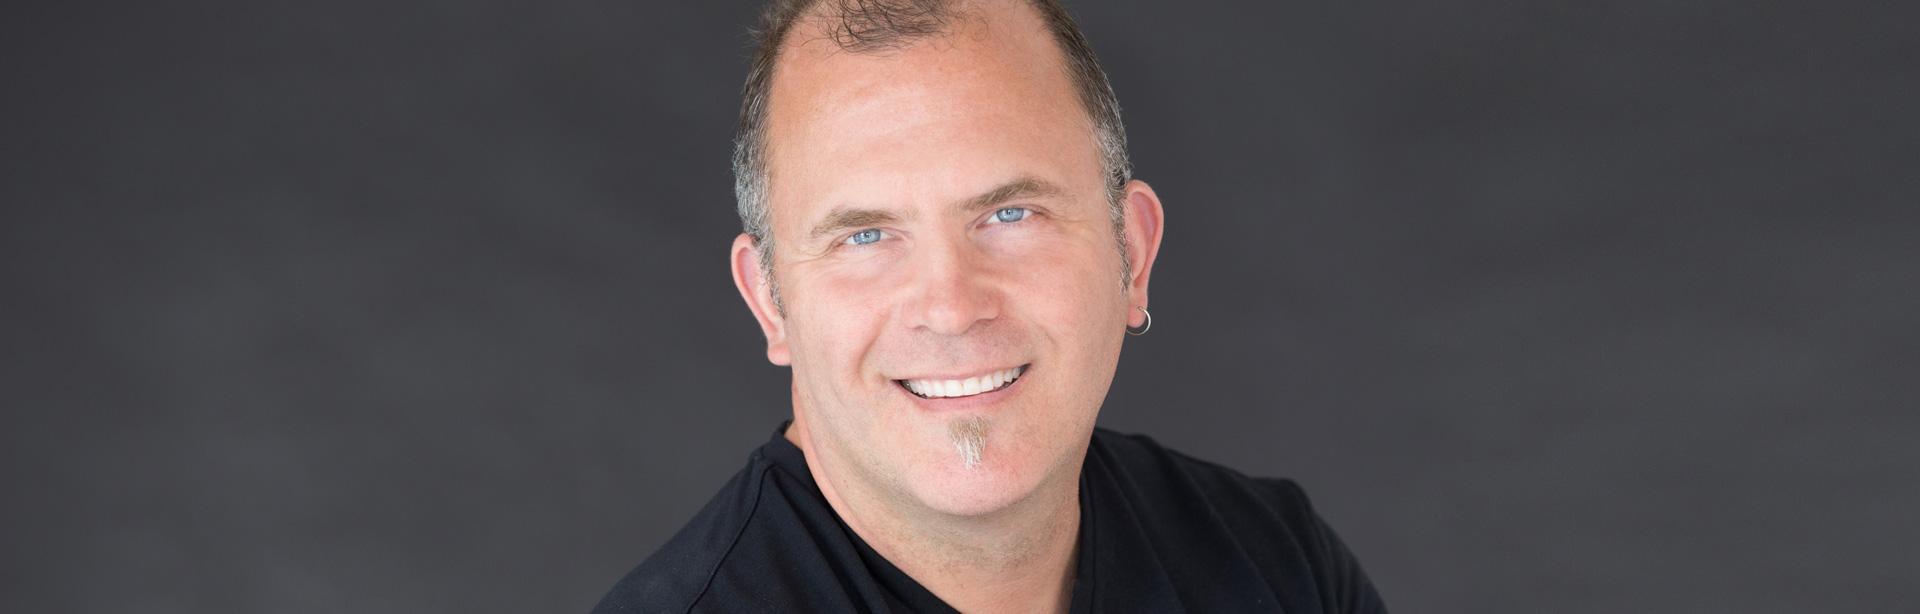 Stephen Mackey, author of Dream Build Believe